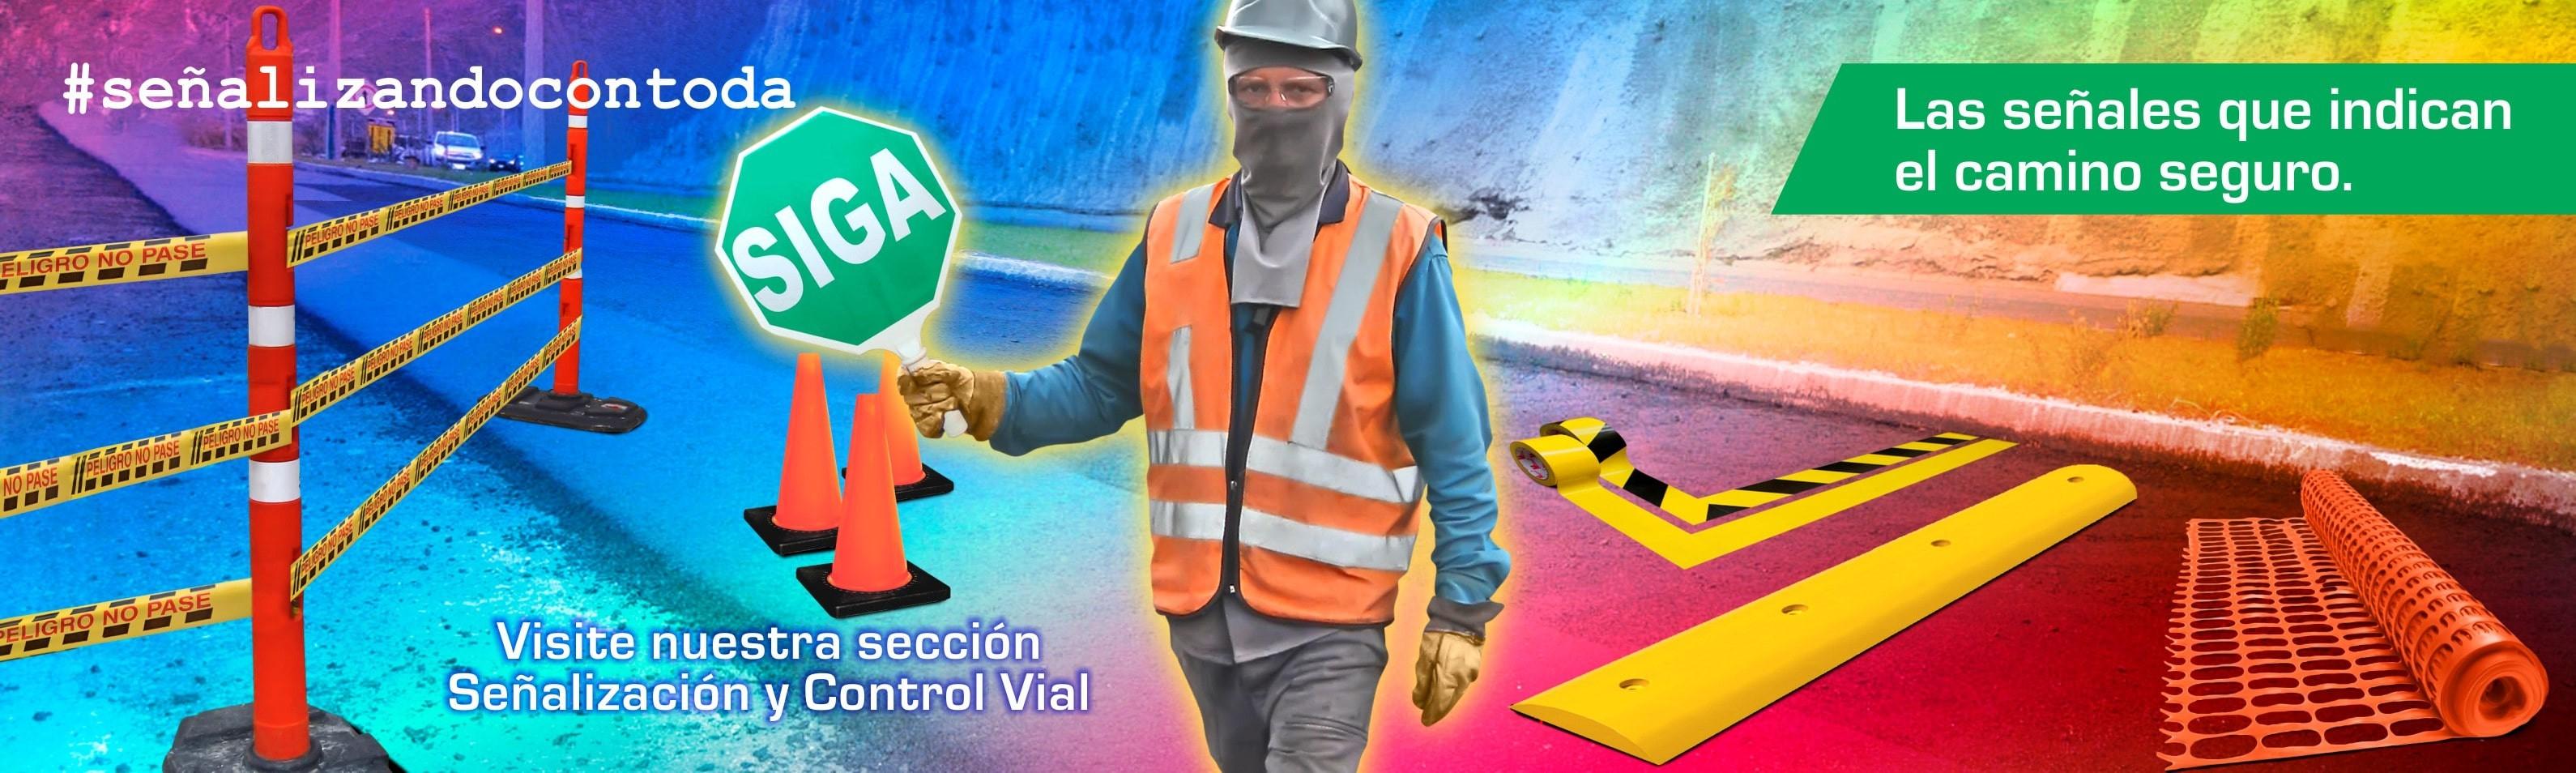 Señalización y control vial